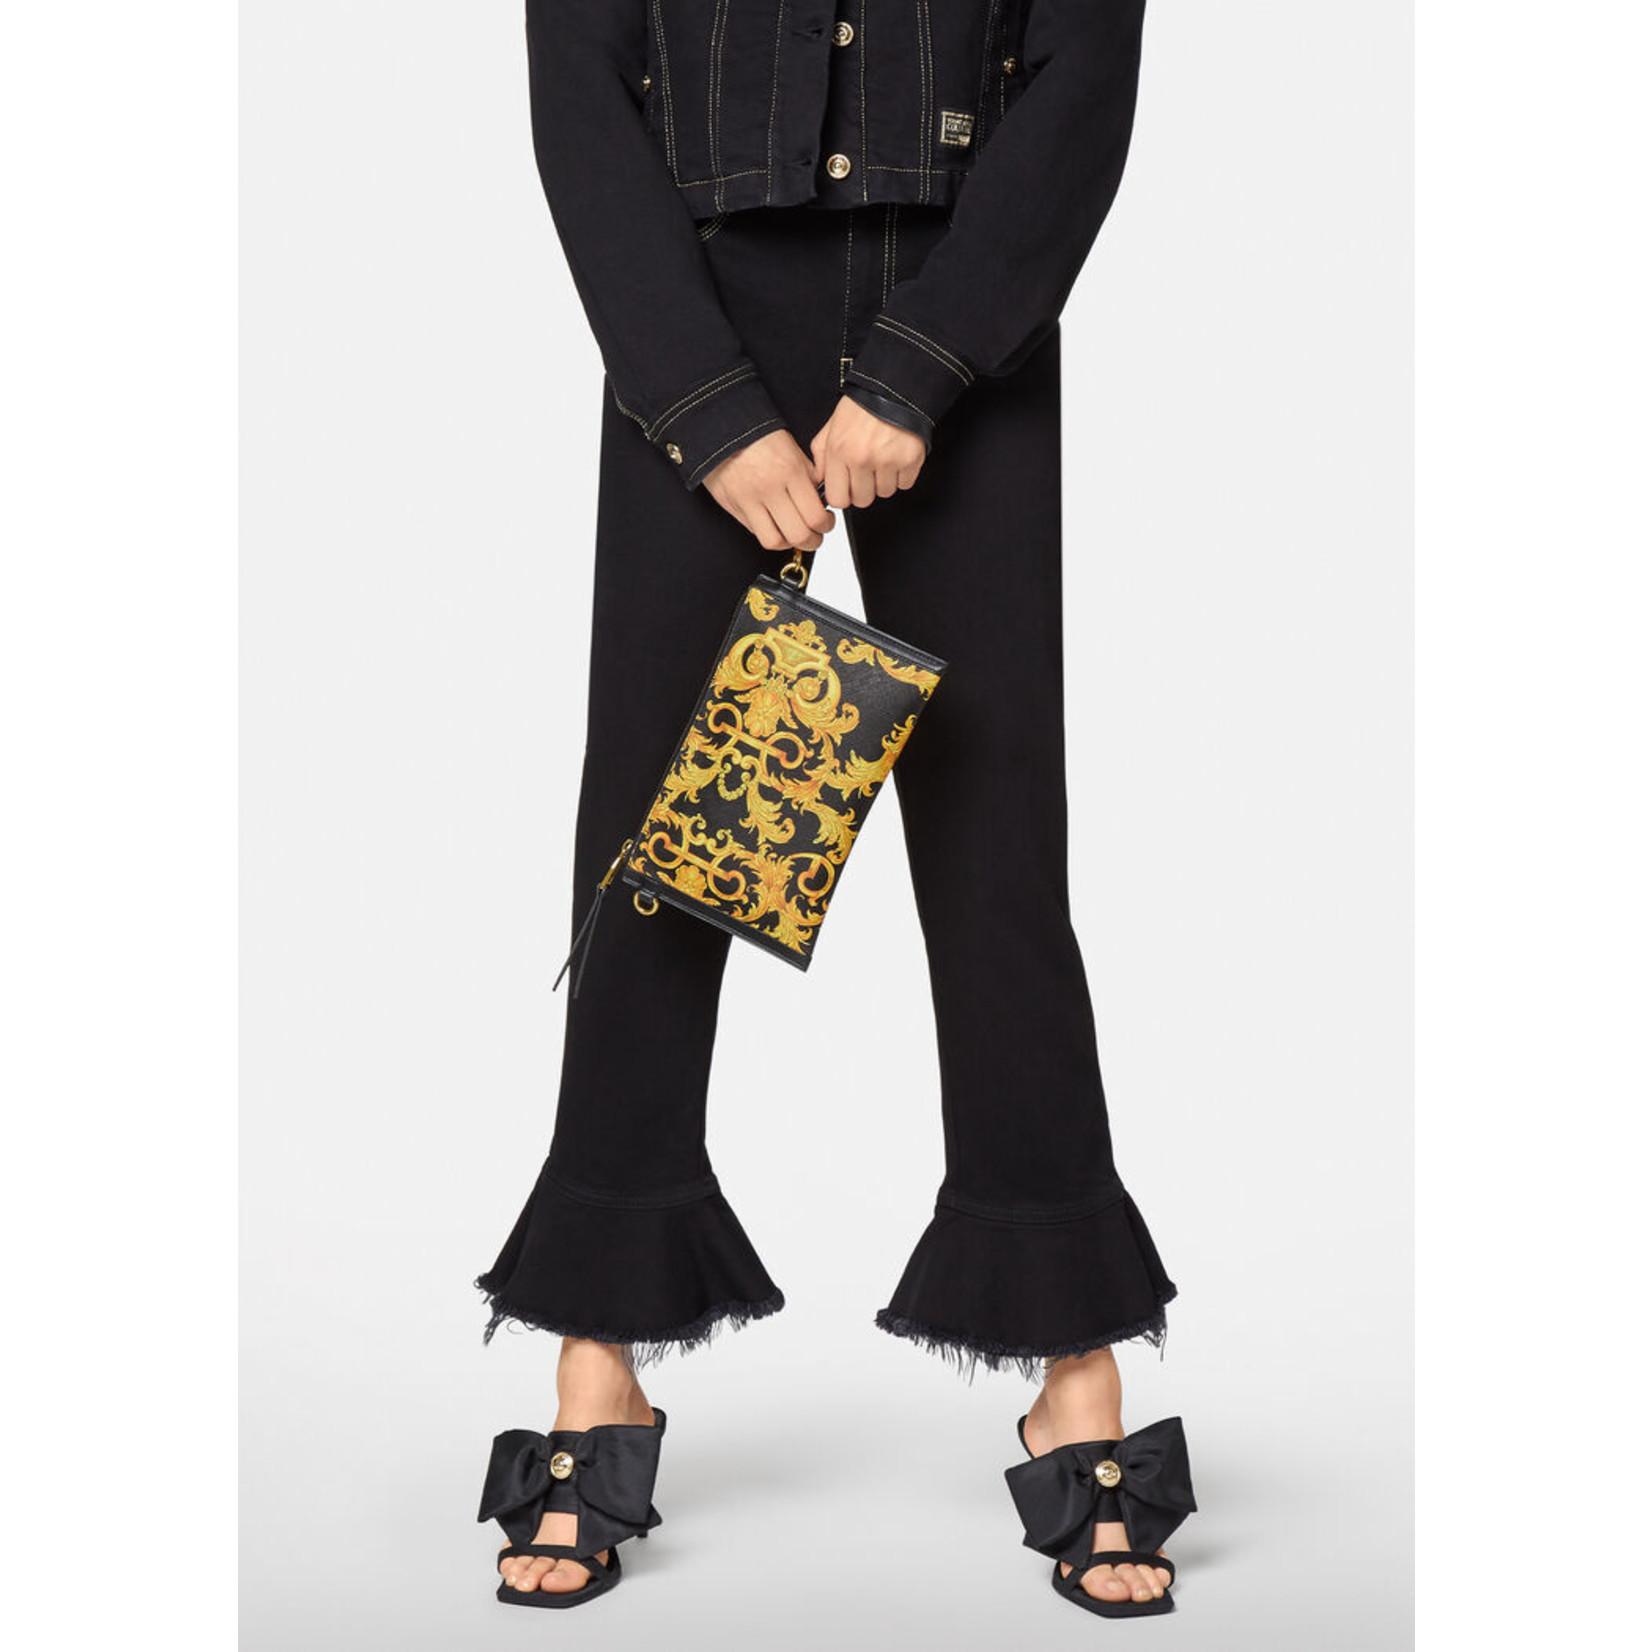 VERSACE JEANS COUTURE VERSACE JEANS COUTURE WOMEN'S SHOULDER BAG BARROQUE - E1VWABMX GOLD